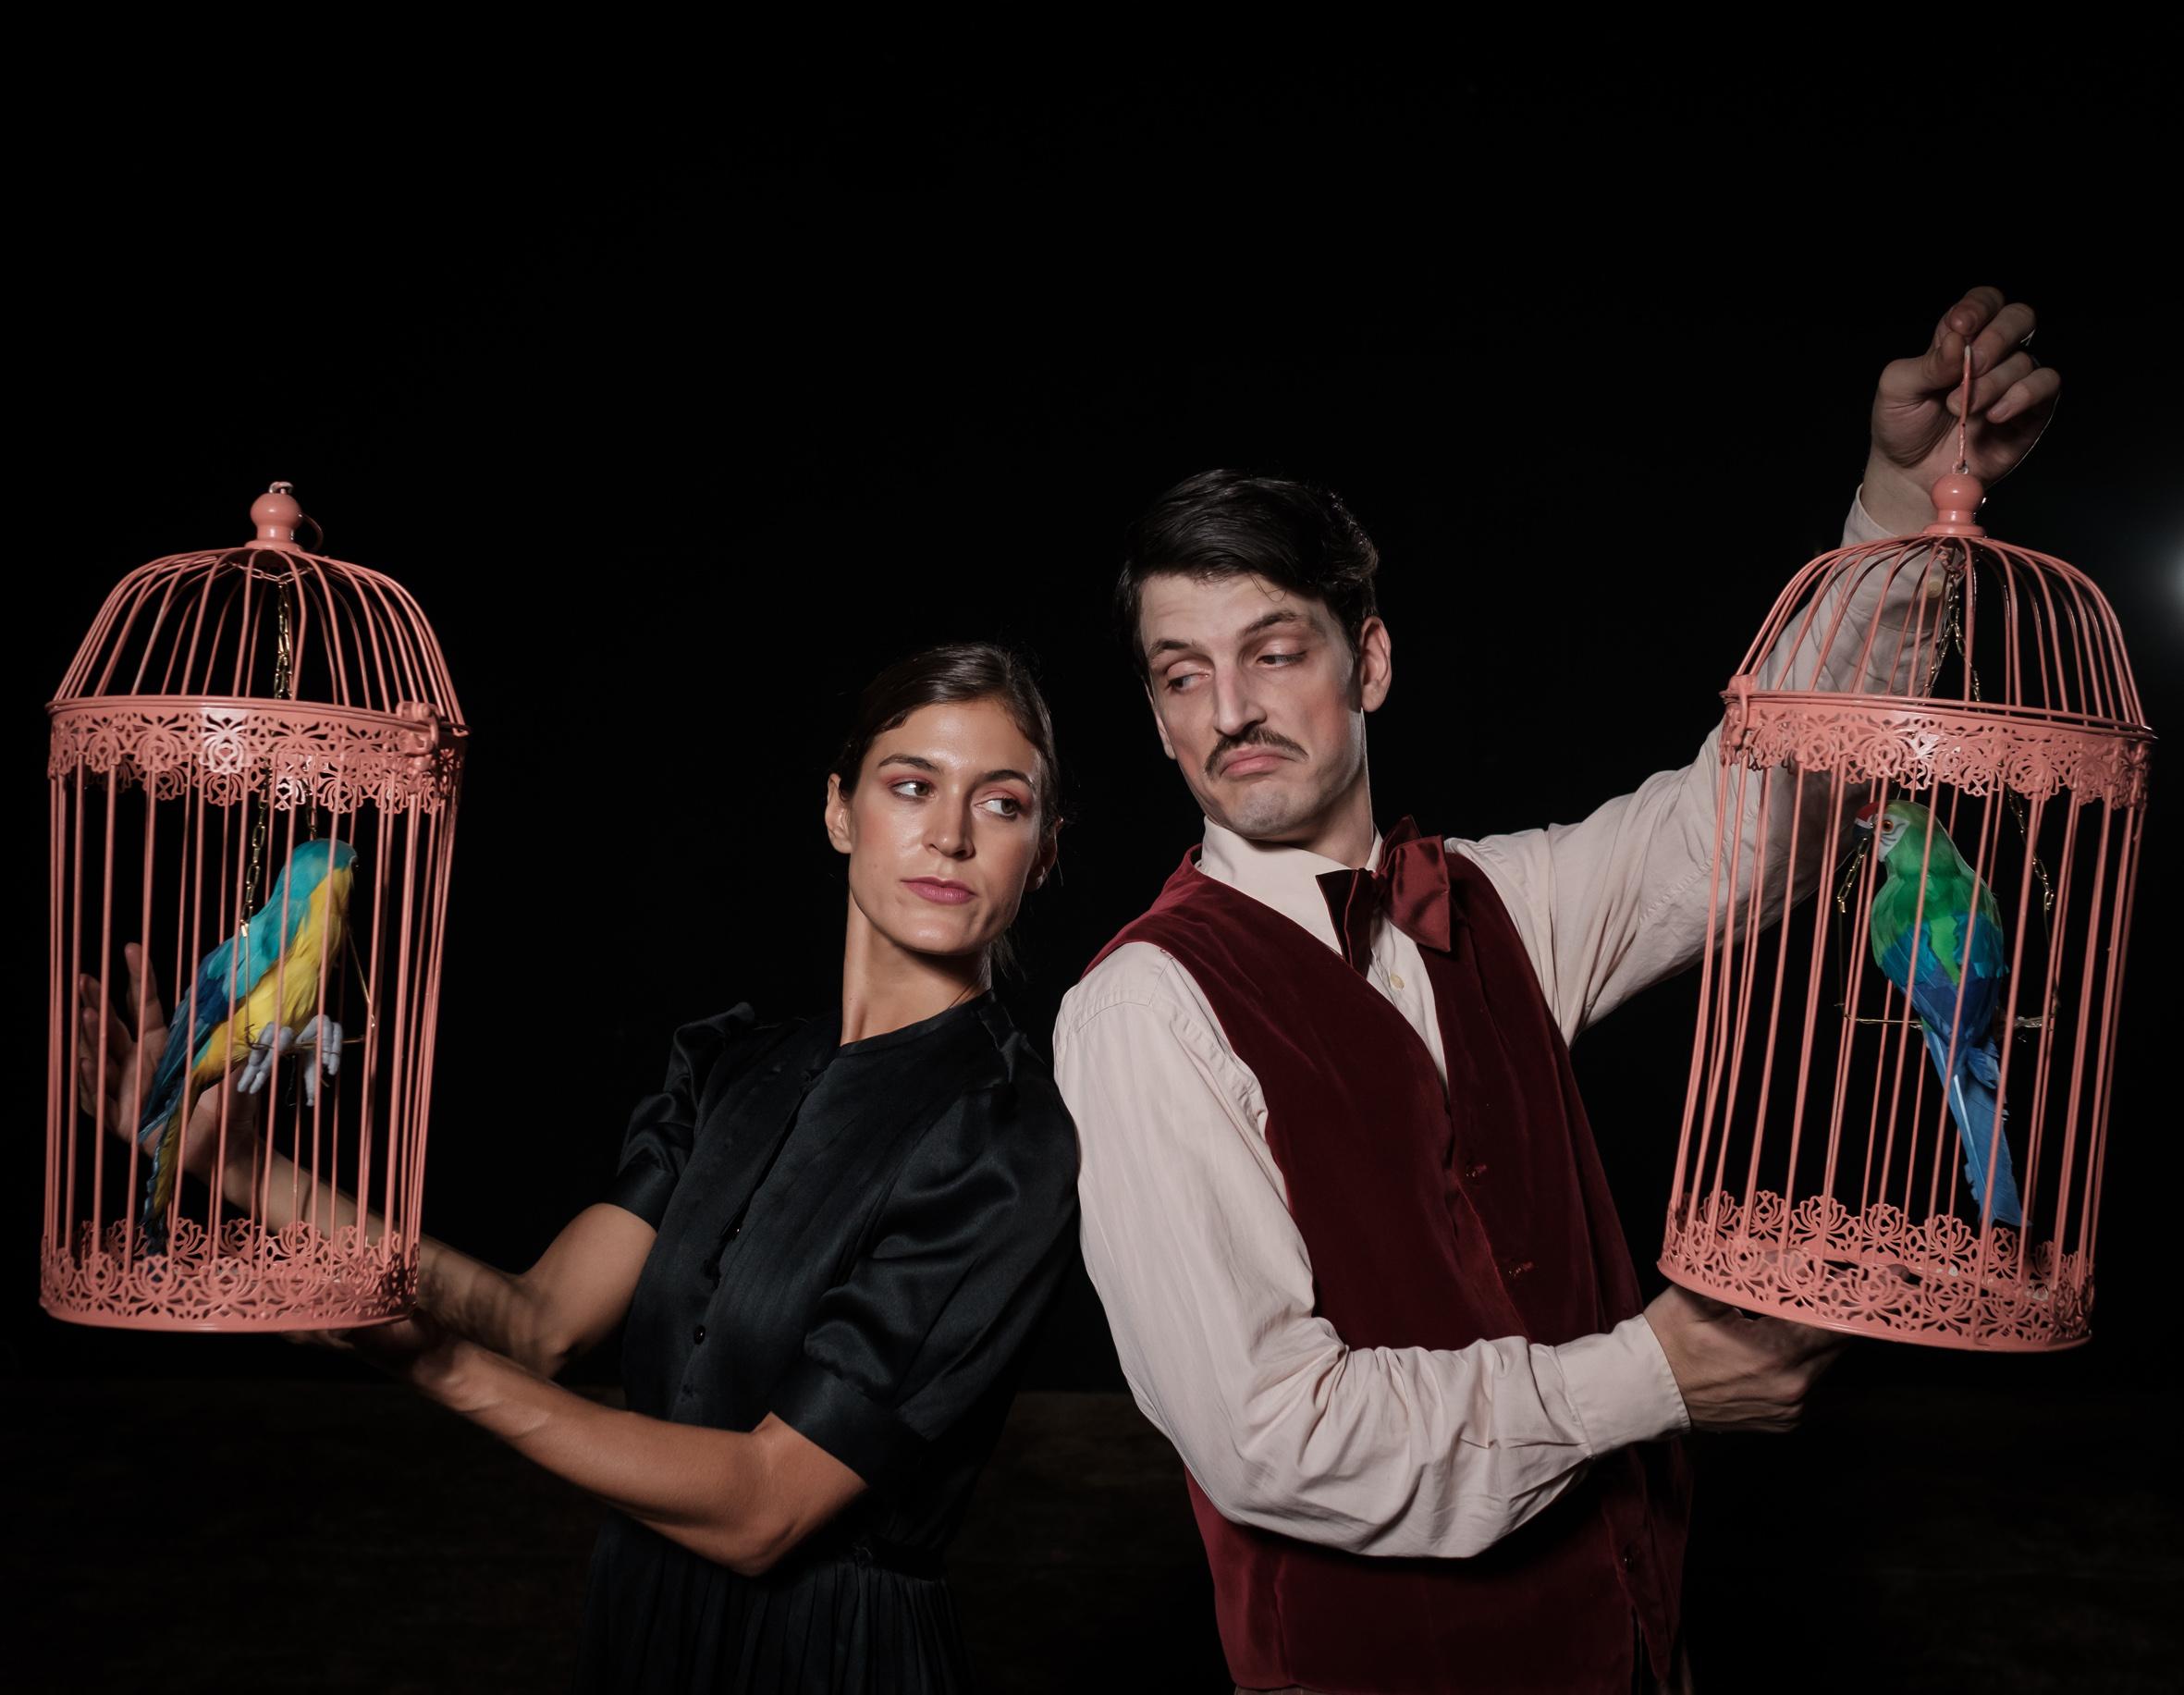 Η Κληρονομιά του Μαριβώ στο Κηποθέατρο Παπάγου για μία παράσταση